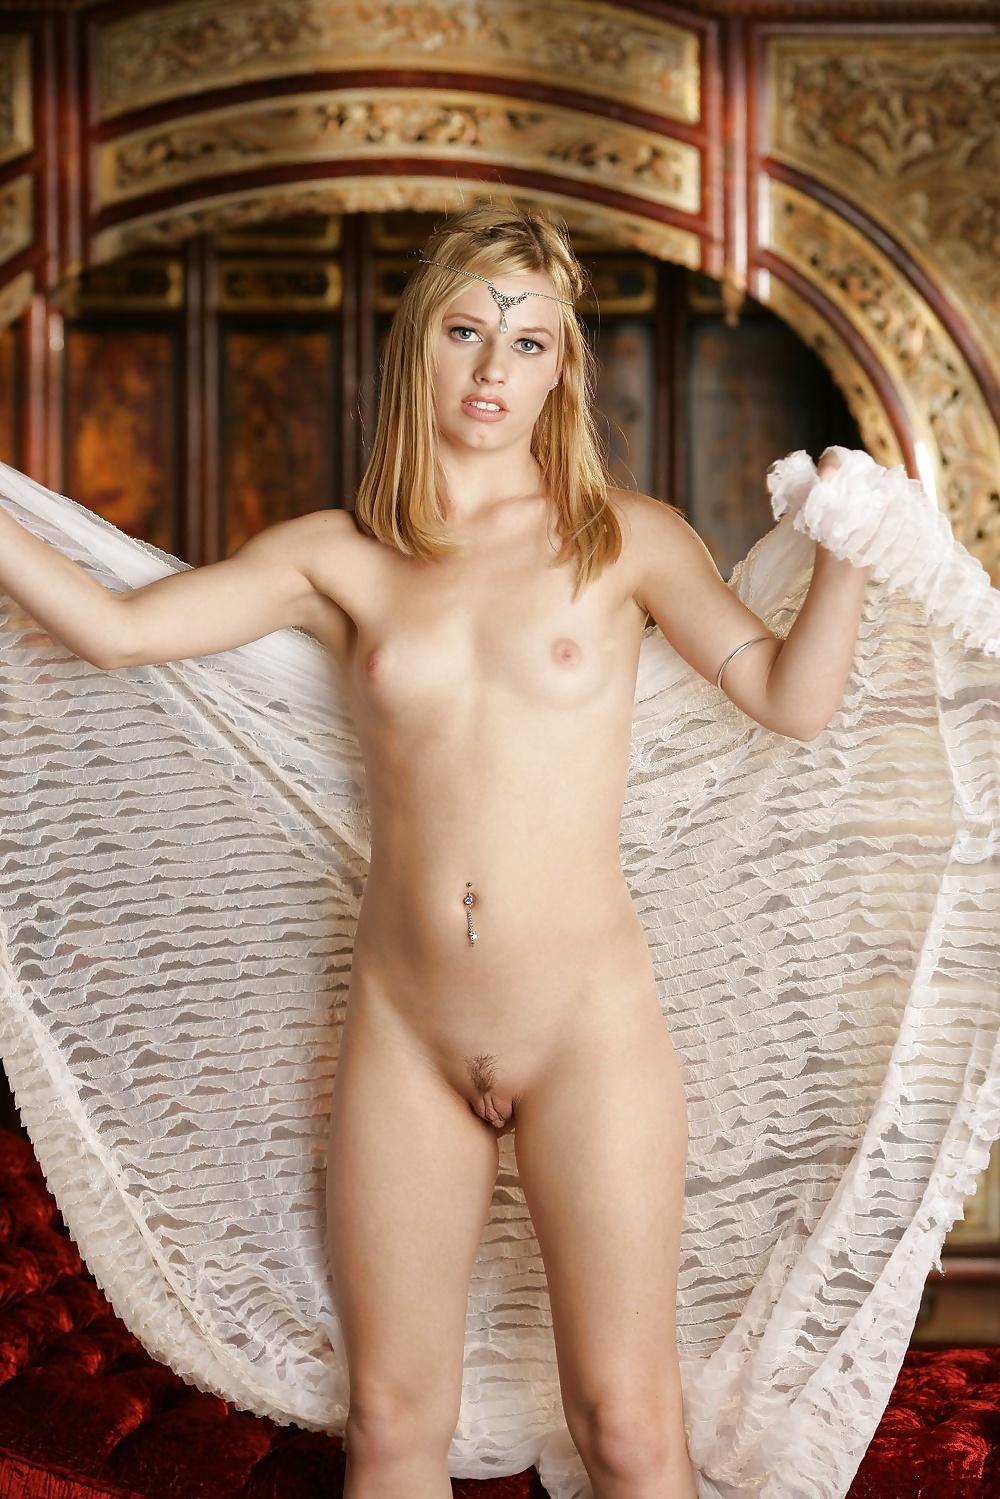 Maria ozawa new uncensored sex pictures